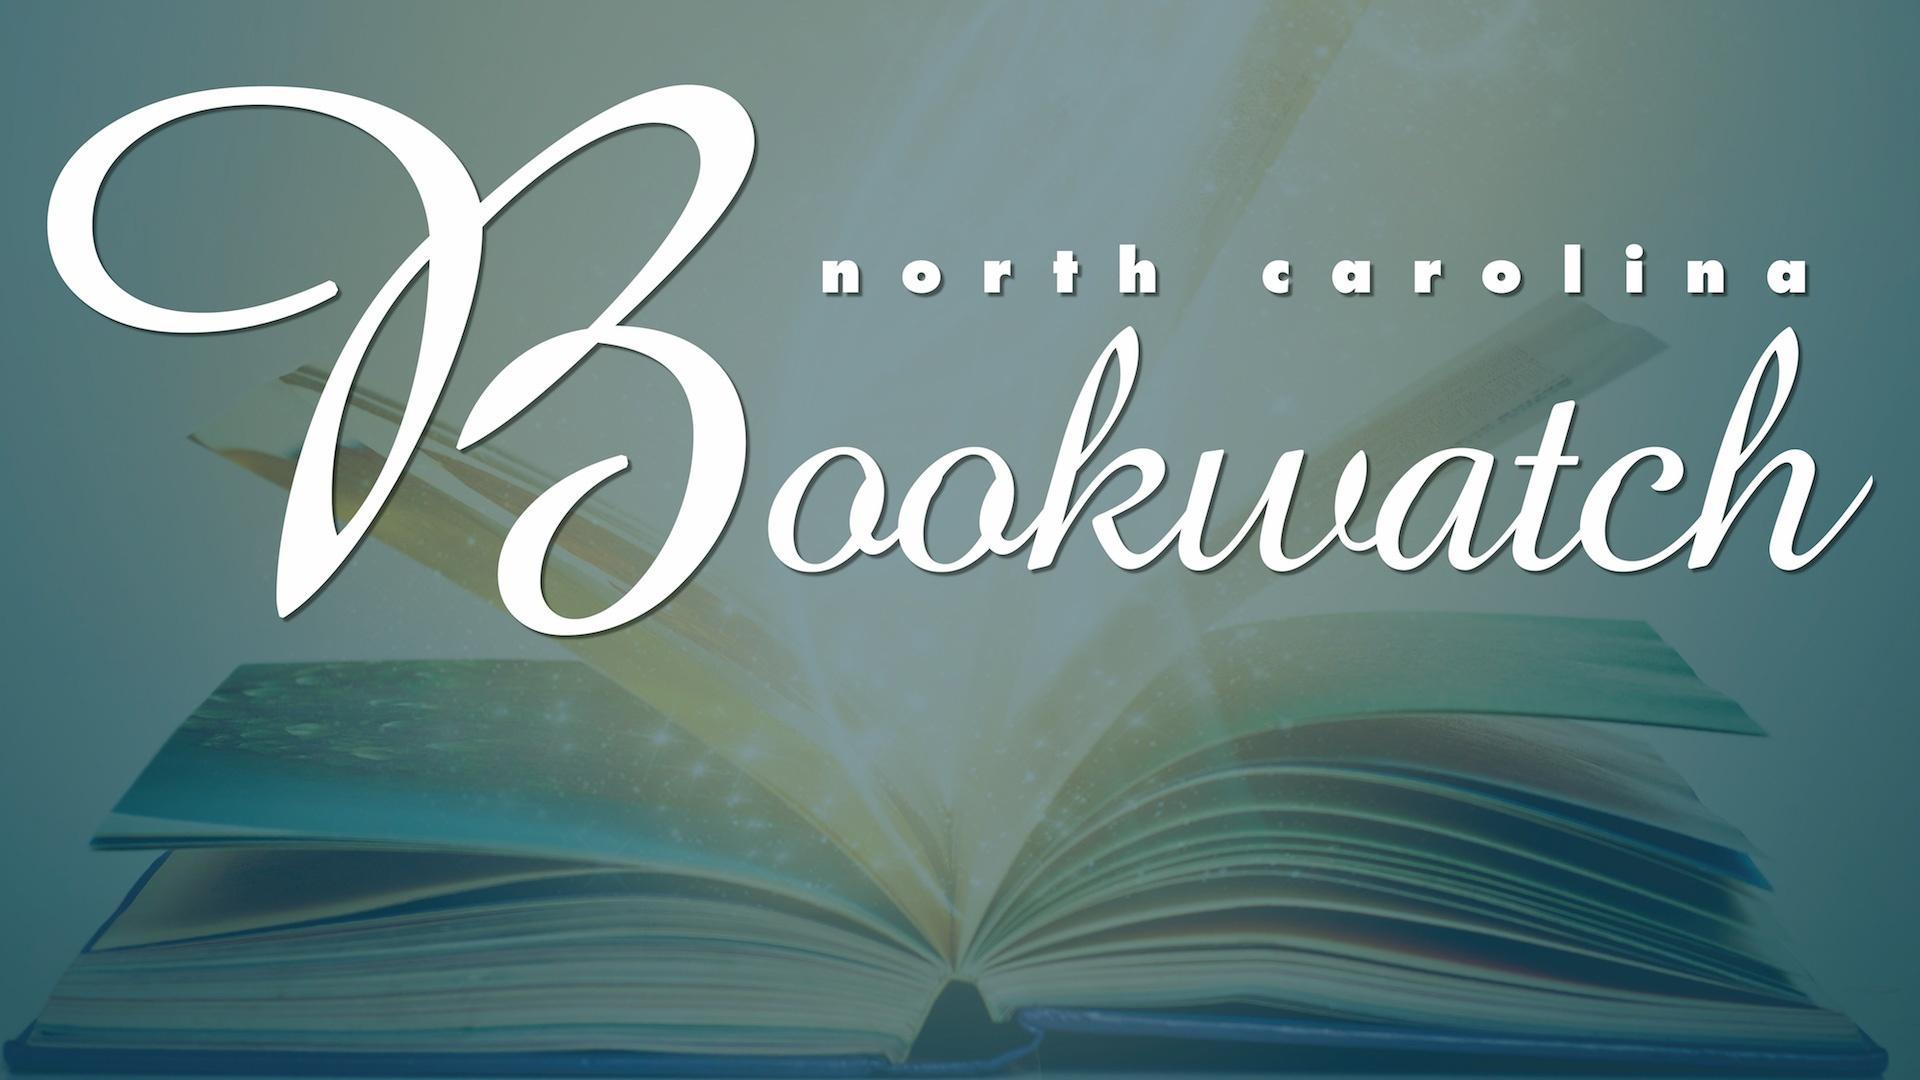 NC Bookwatch Logo